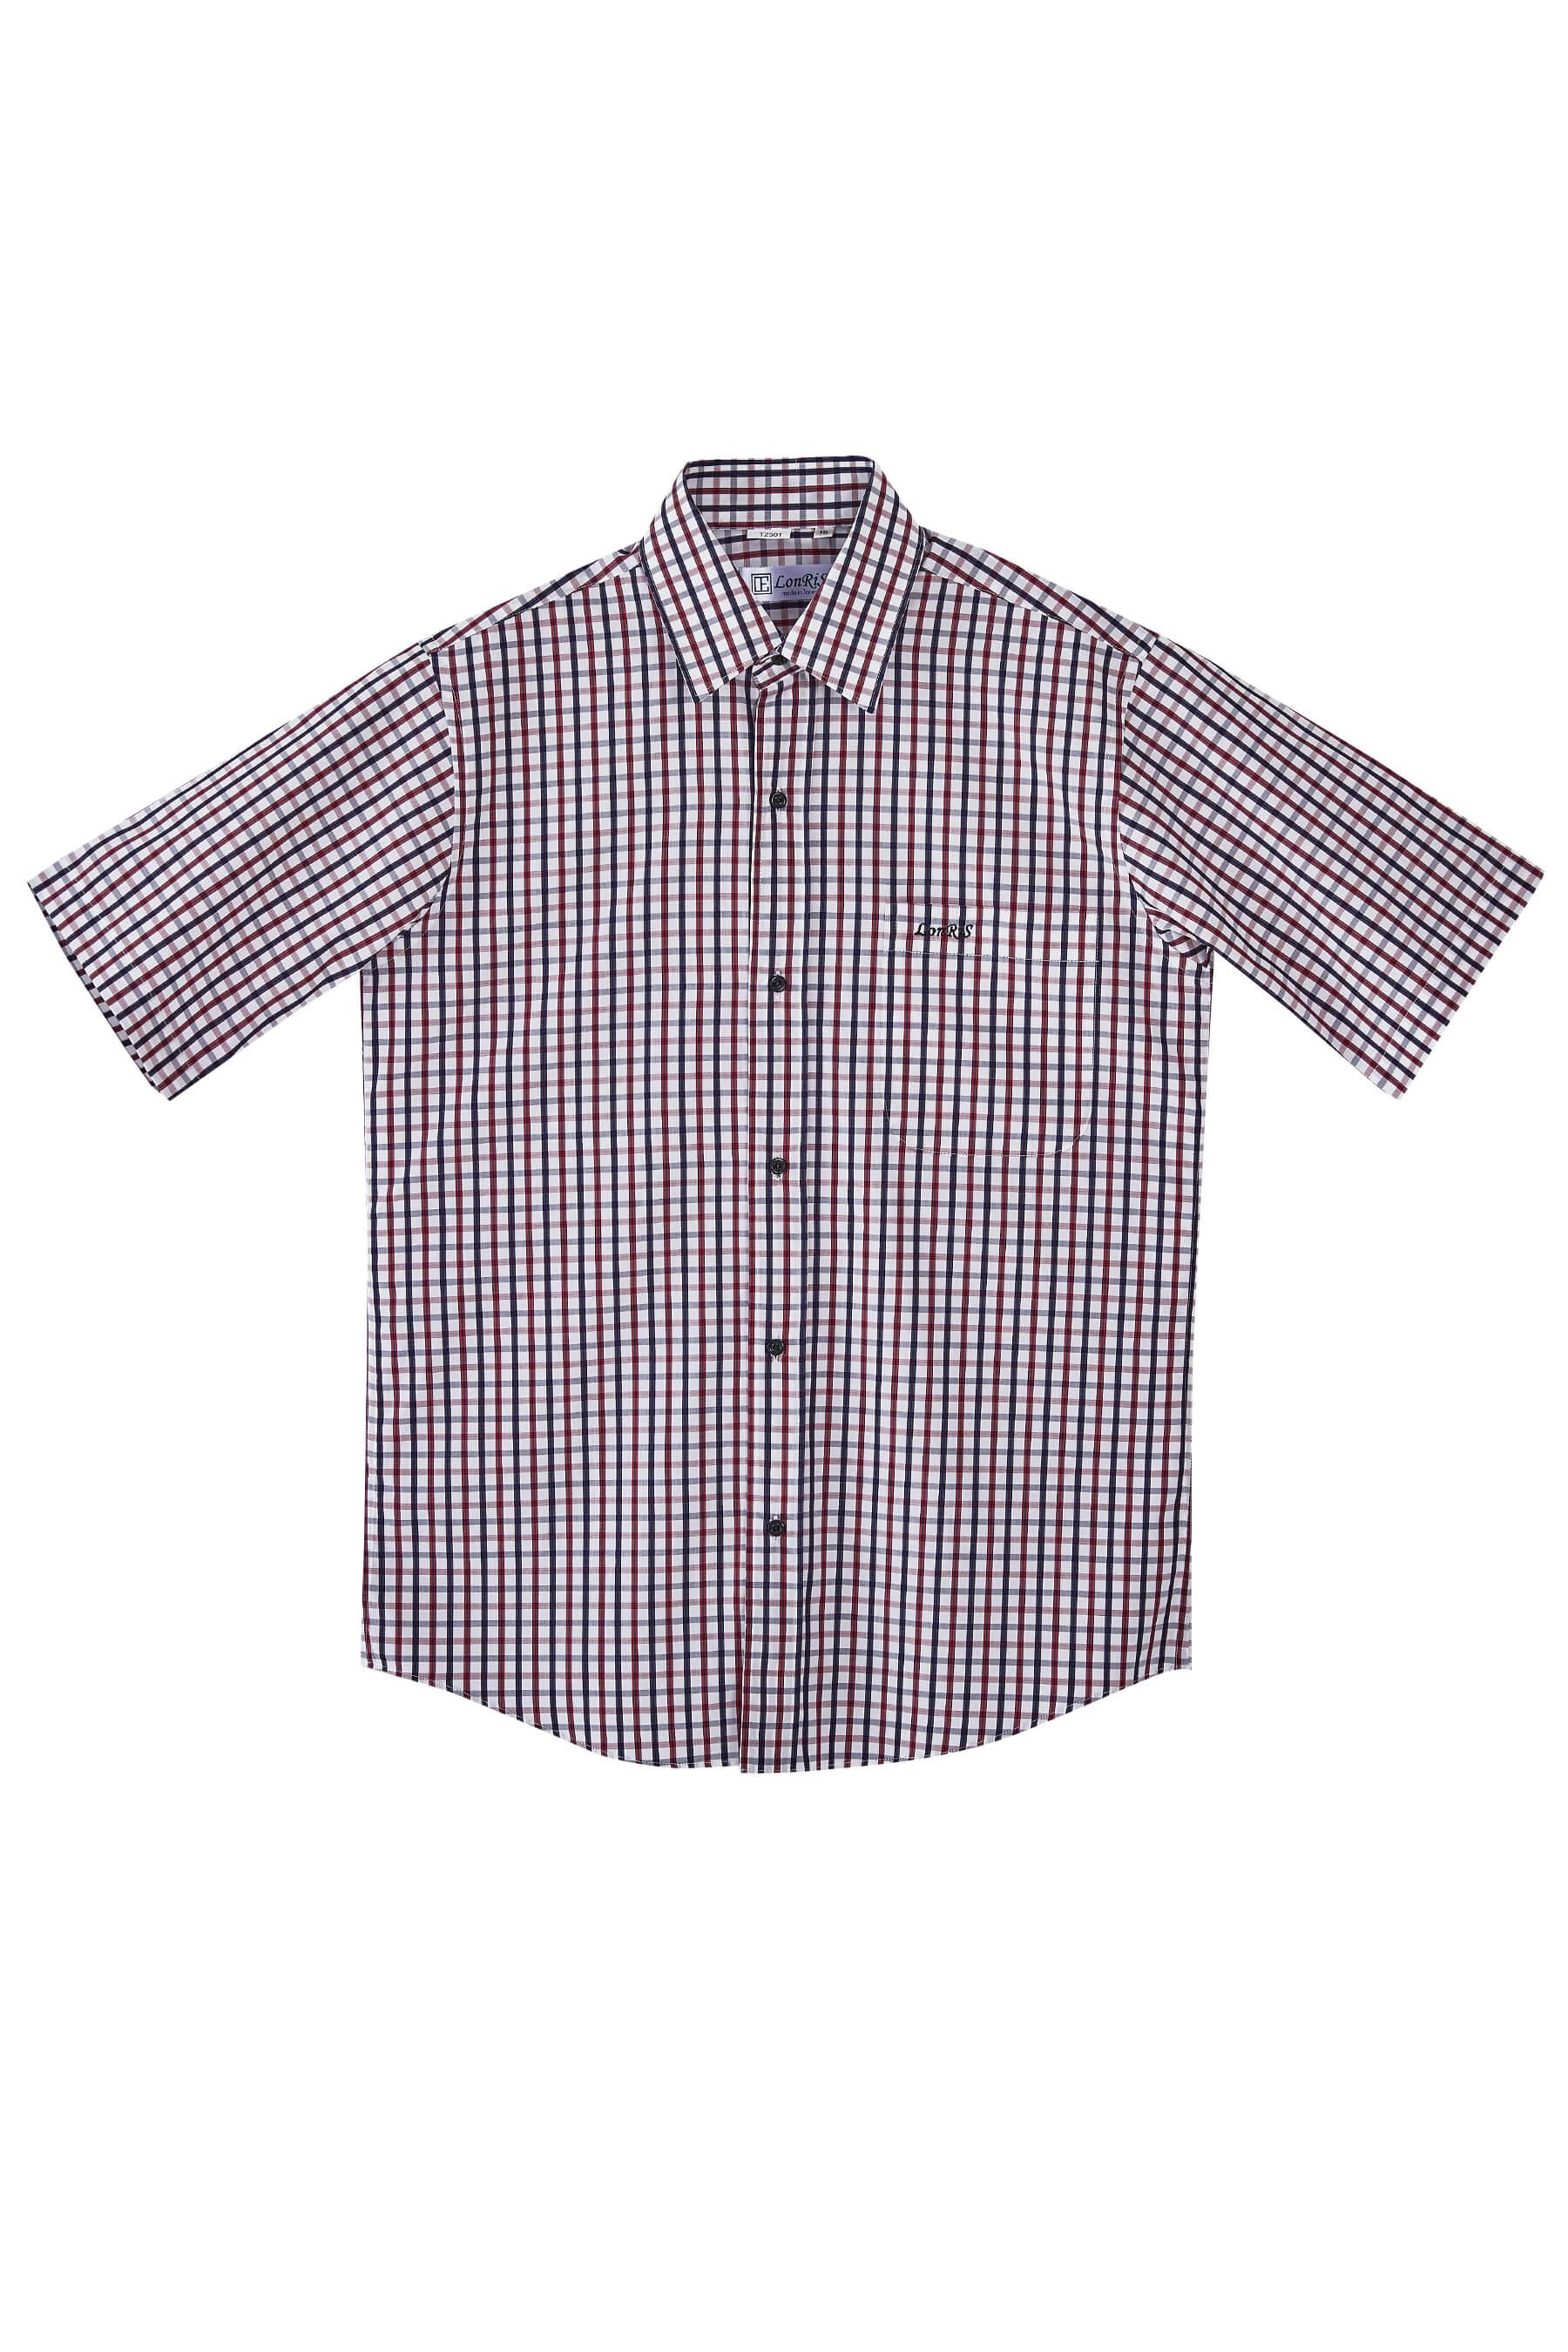 紅黑格紋純棉短袖襯衫/舒適透氣